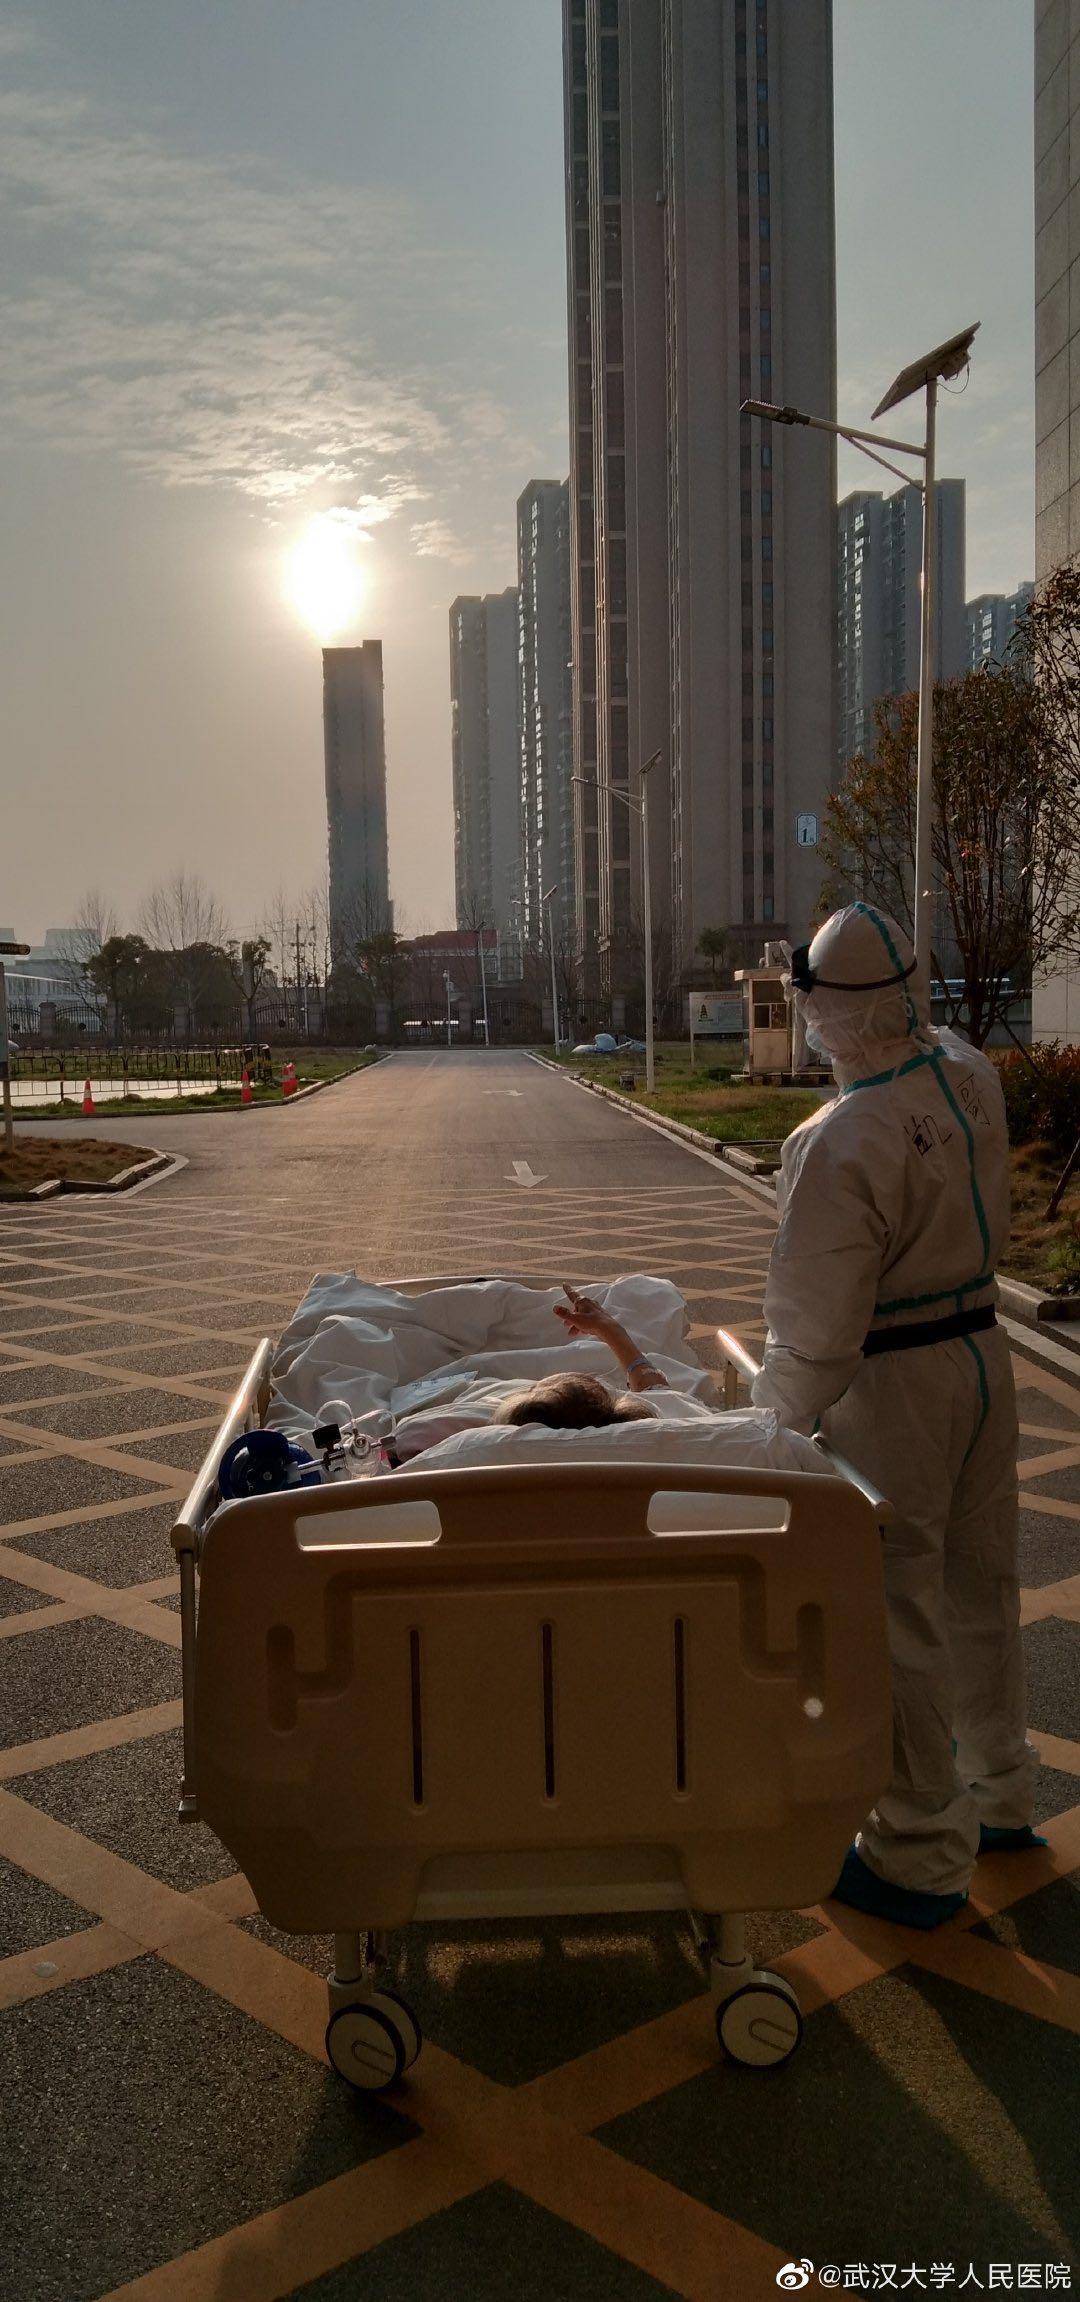 【抗疫一(yi)線報告(gao)】湖(hu)北連續15天當日新增治愈出(chu)院病例超(chao)過(guo)新增確診(zhen)病例